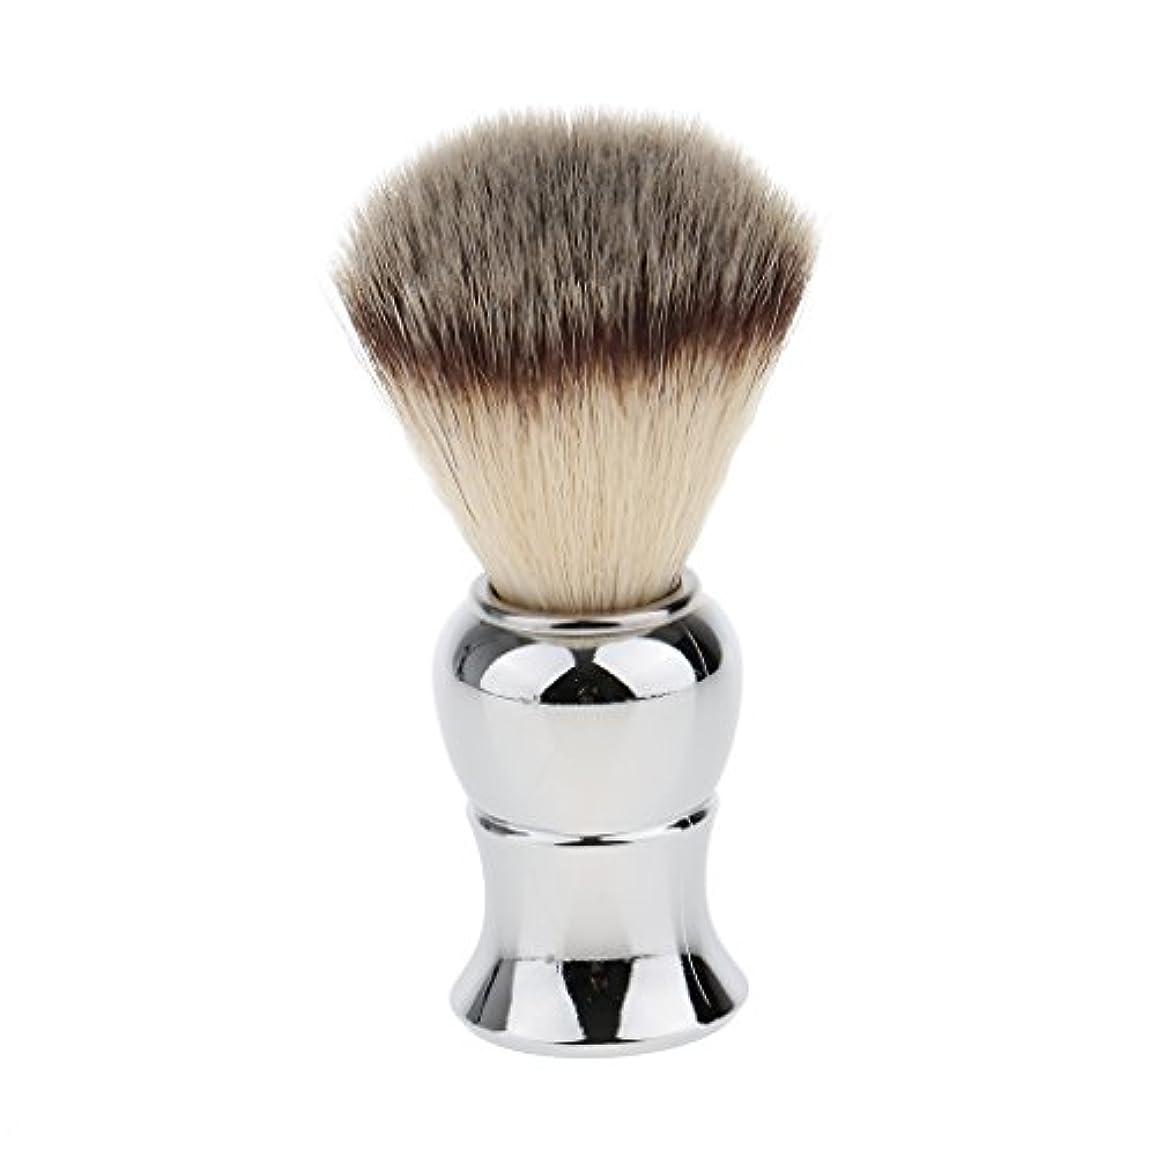 航空羊嫌なKesoto メンズ シェービングブラシ ソフト ナイロン 合金ハンドル シェービング ブラシ サロン 髭剃りツール